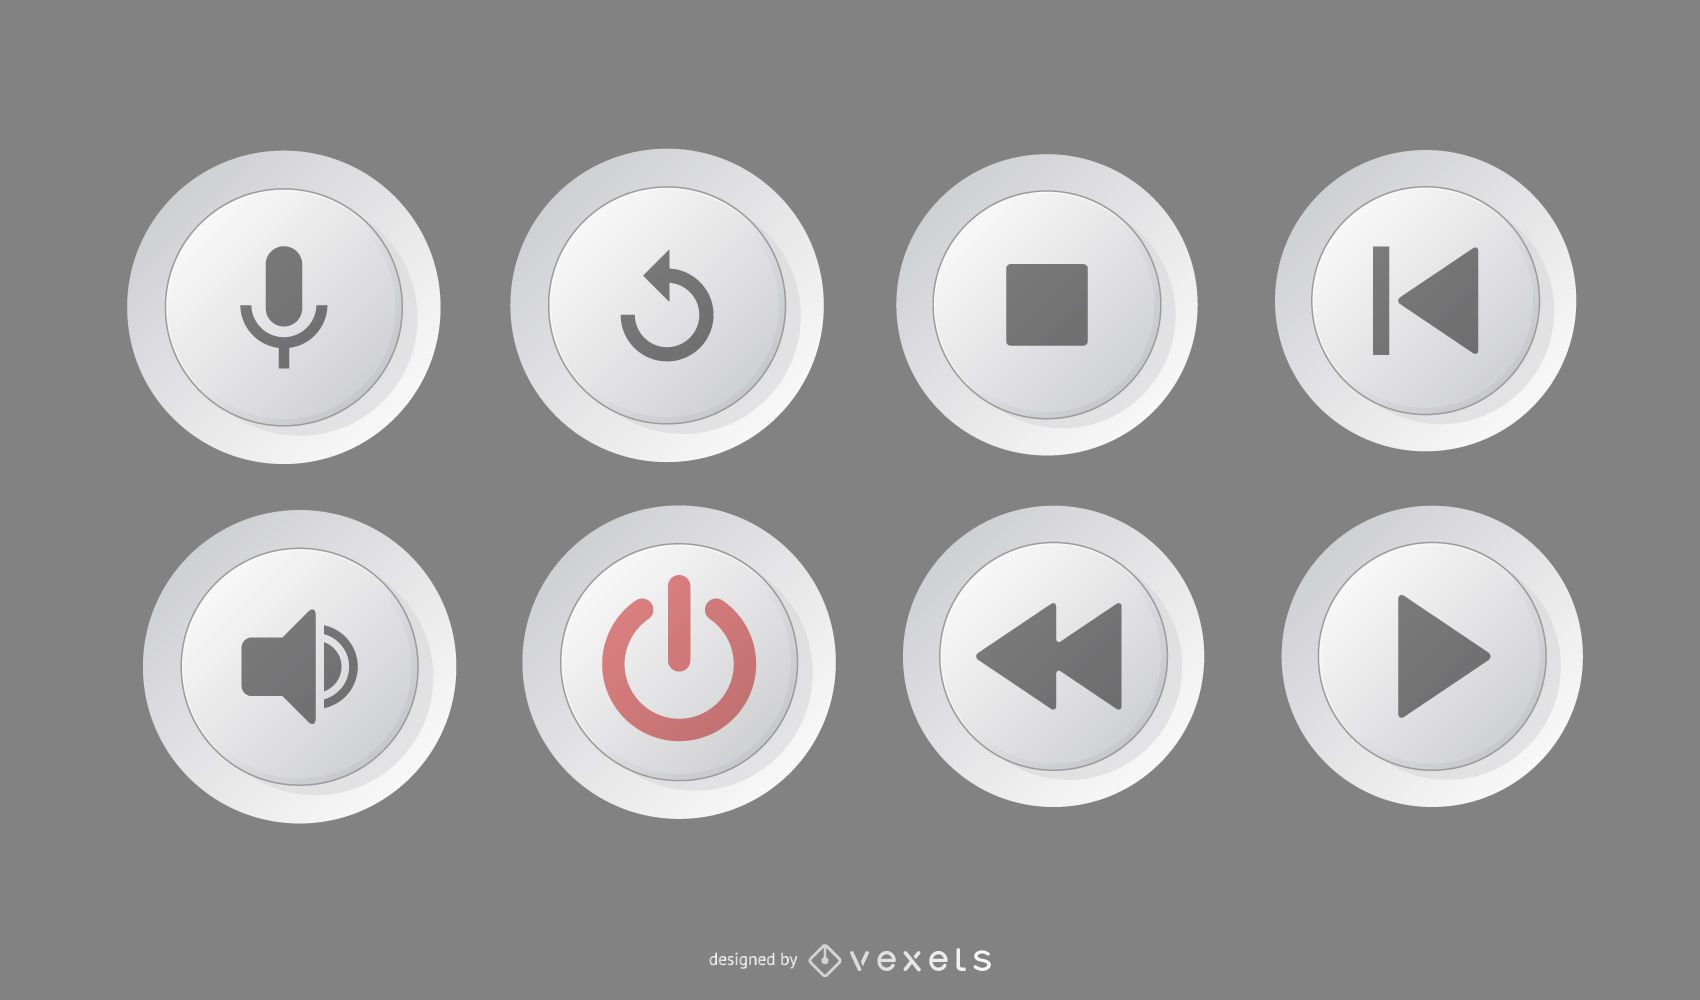 Paquete de círculos de botones de reproductor multimedia